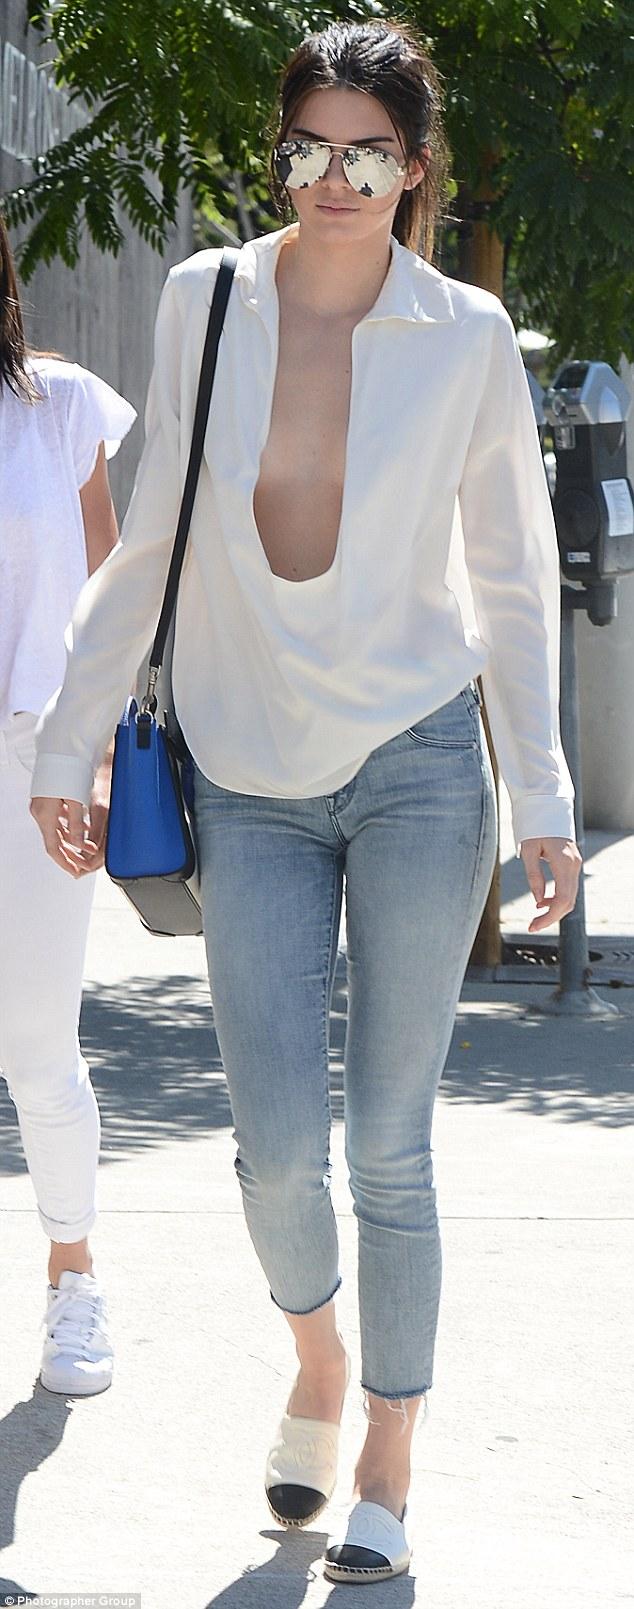 Foto Tanpa Sensor Payudara Kendall Jenner Mengitip Dari Bajunya Yang Sangat Terbuka 2